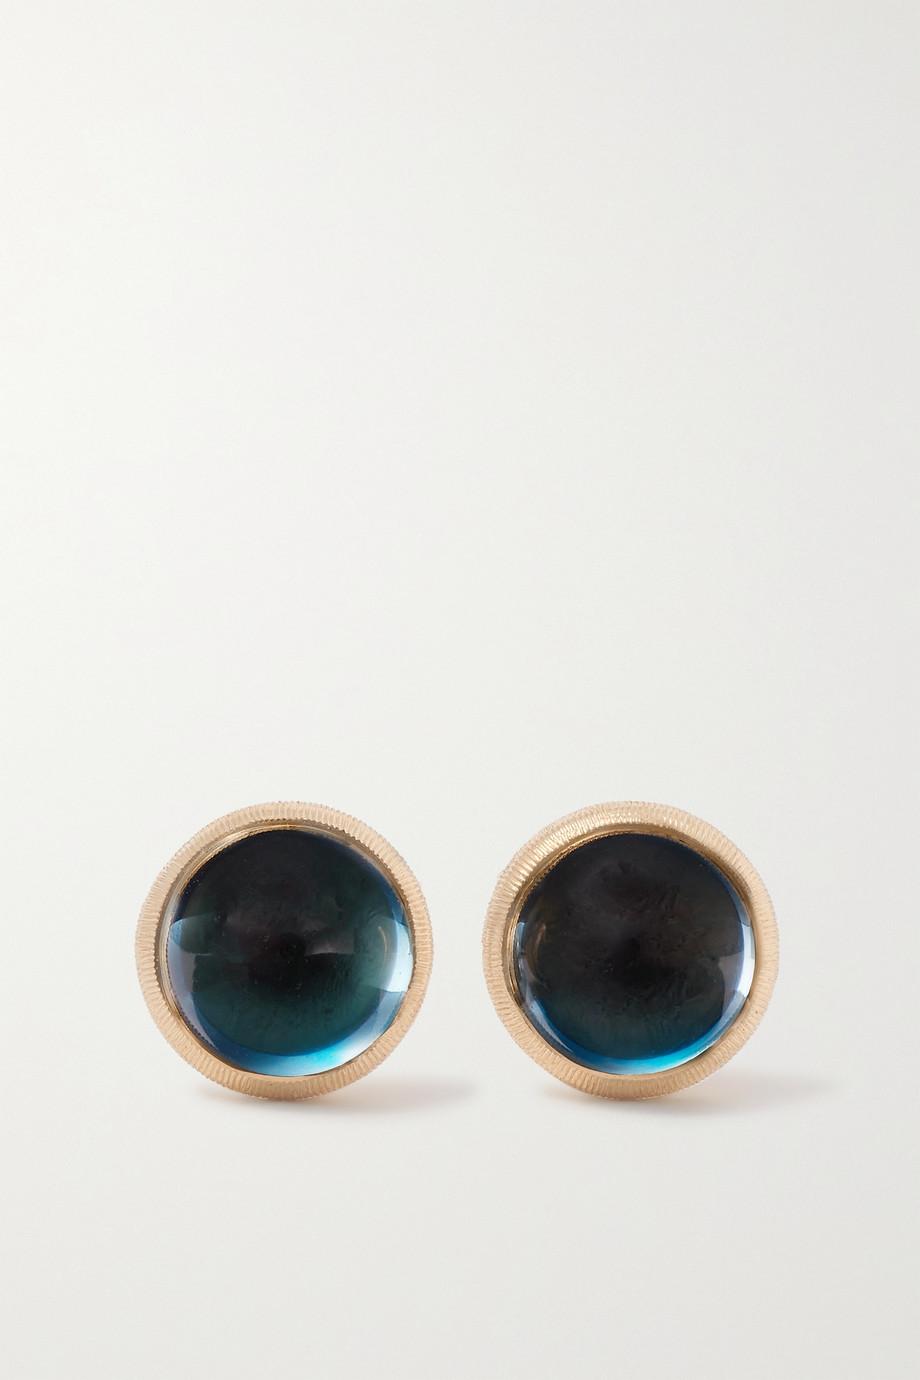 OLE LYNGGAARD COPENHAGEN Lotus 18-karat gold topaz earrings